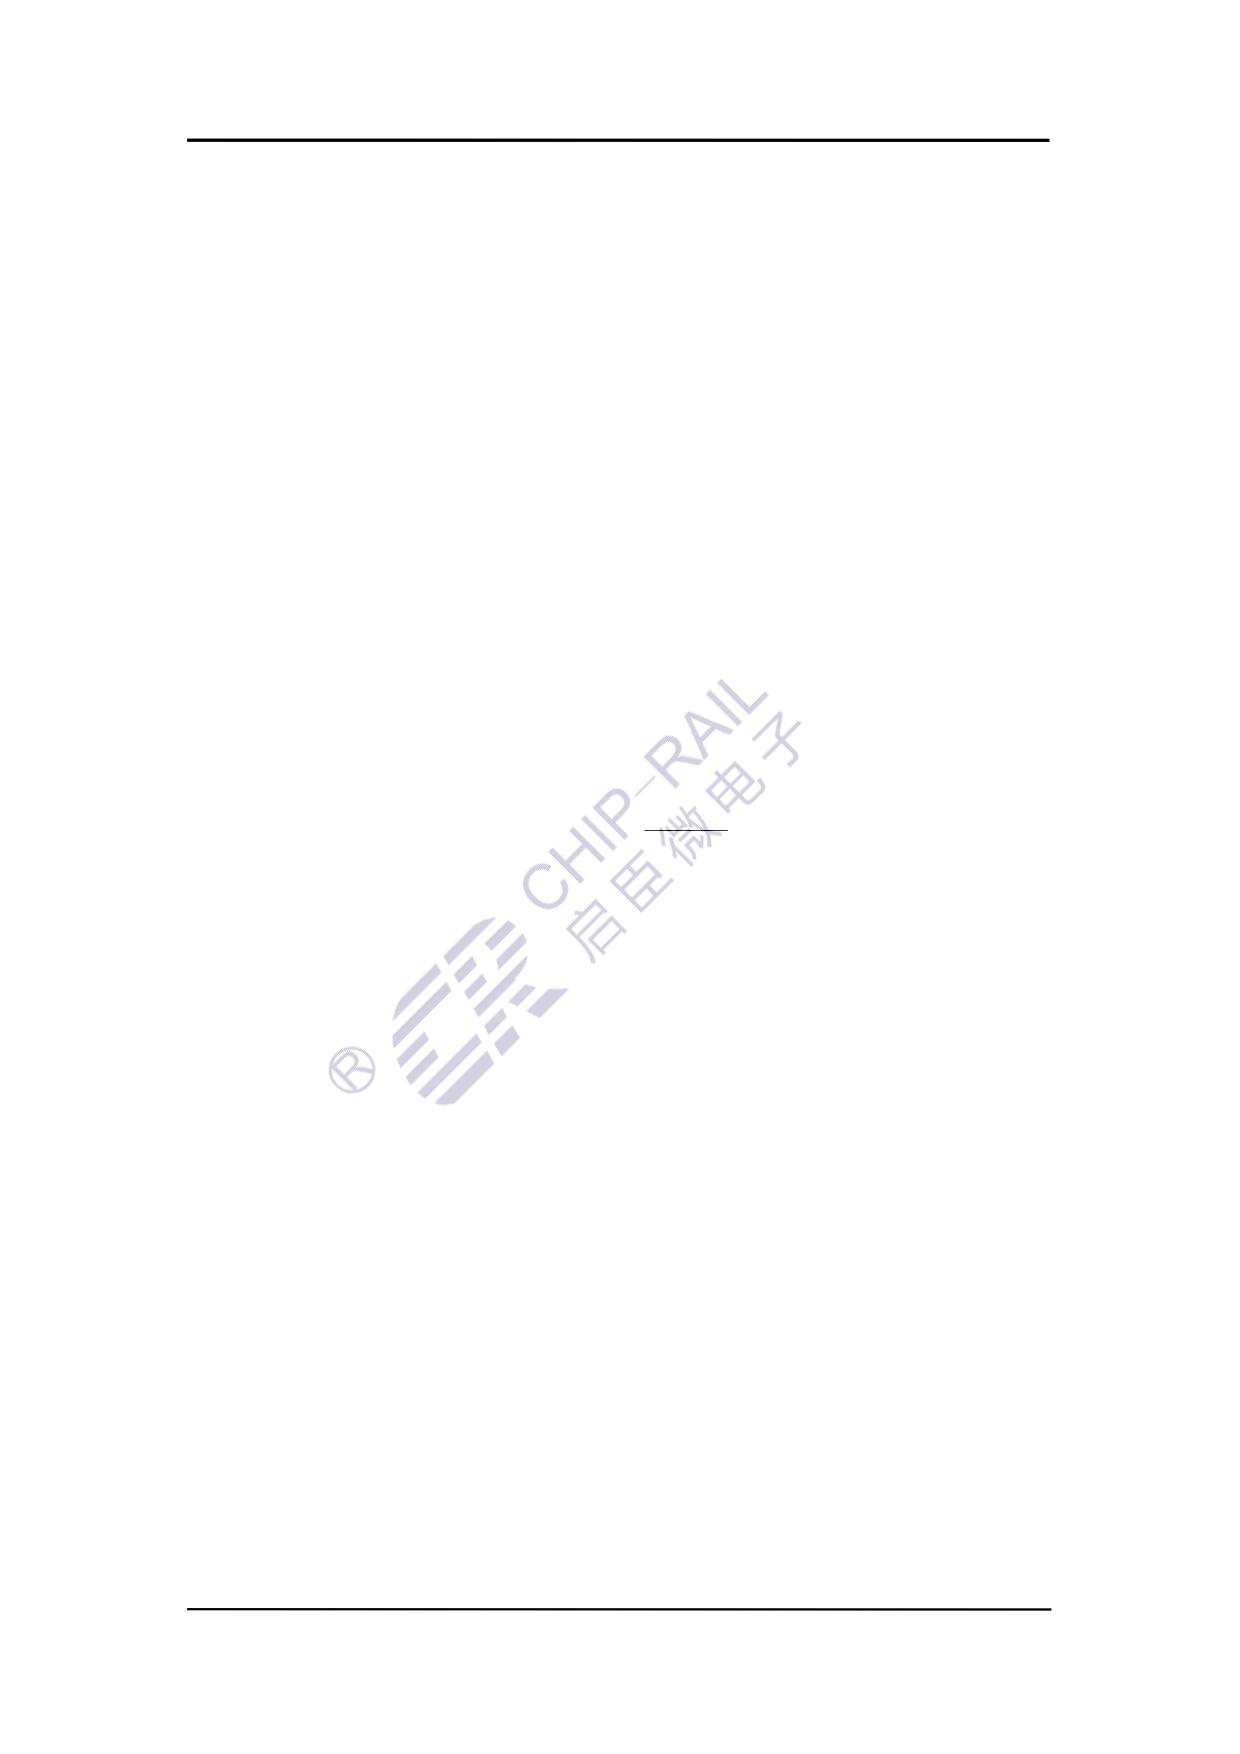 CR6841 電子部品, 半導体